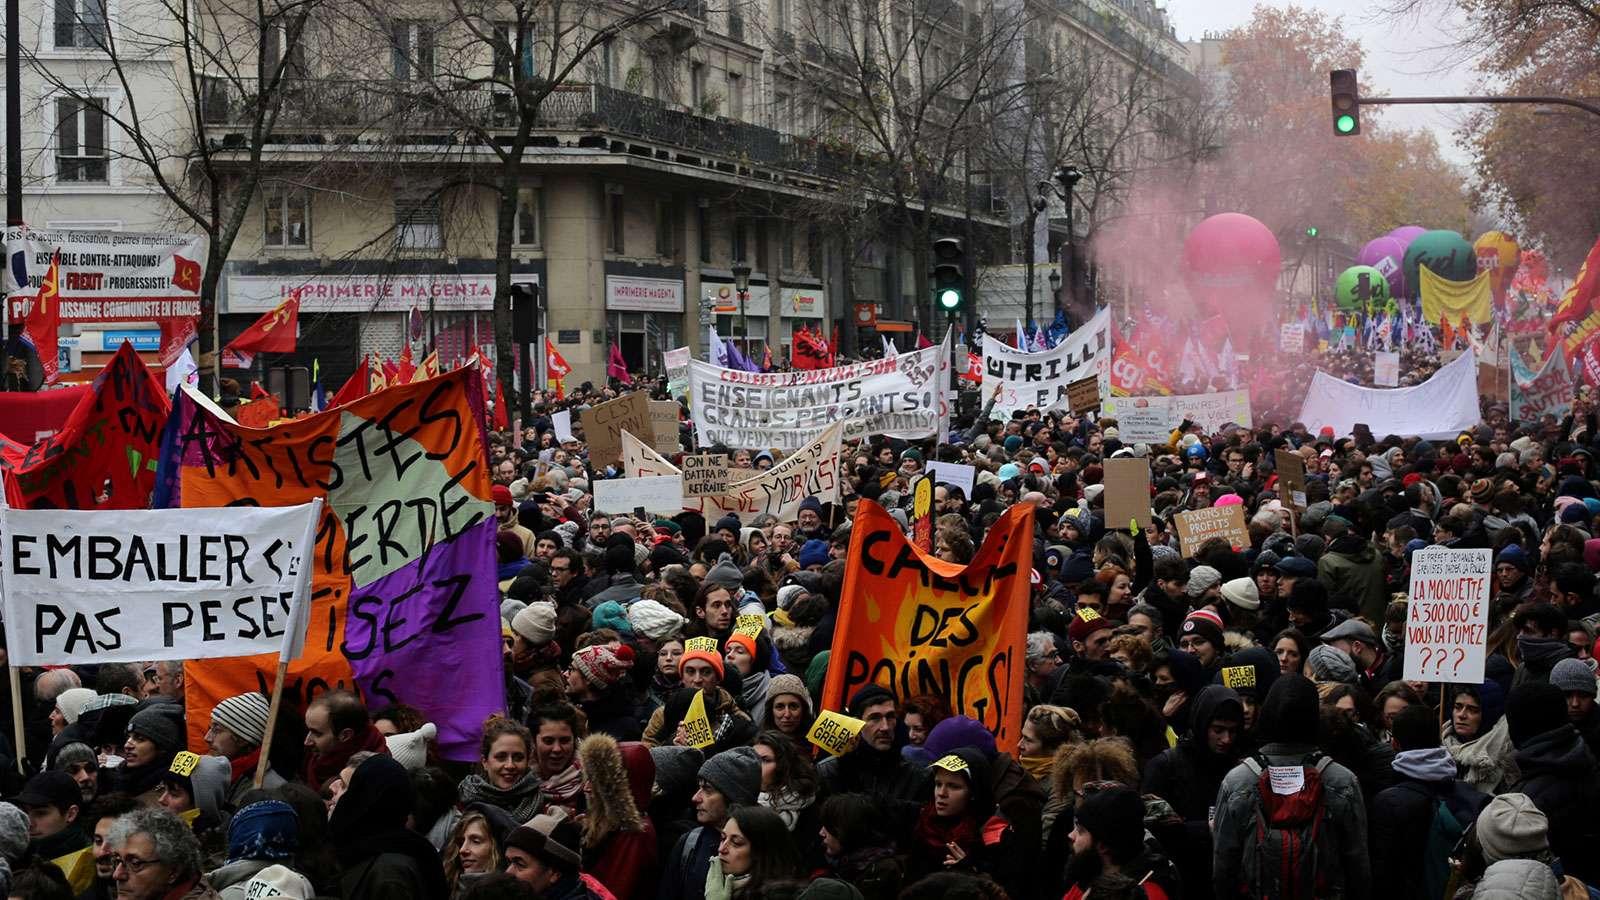 ΓΑΛΛΙΑ: Μεγάλη συμμετοχή στην απεργία και στις κινητοποιήσεις ενάντια στις νέες ανατροπές στην Ασφάλιση